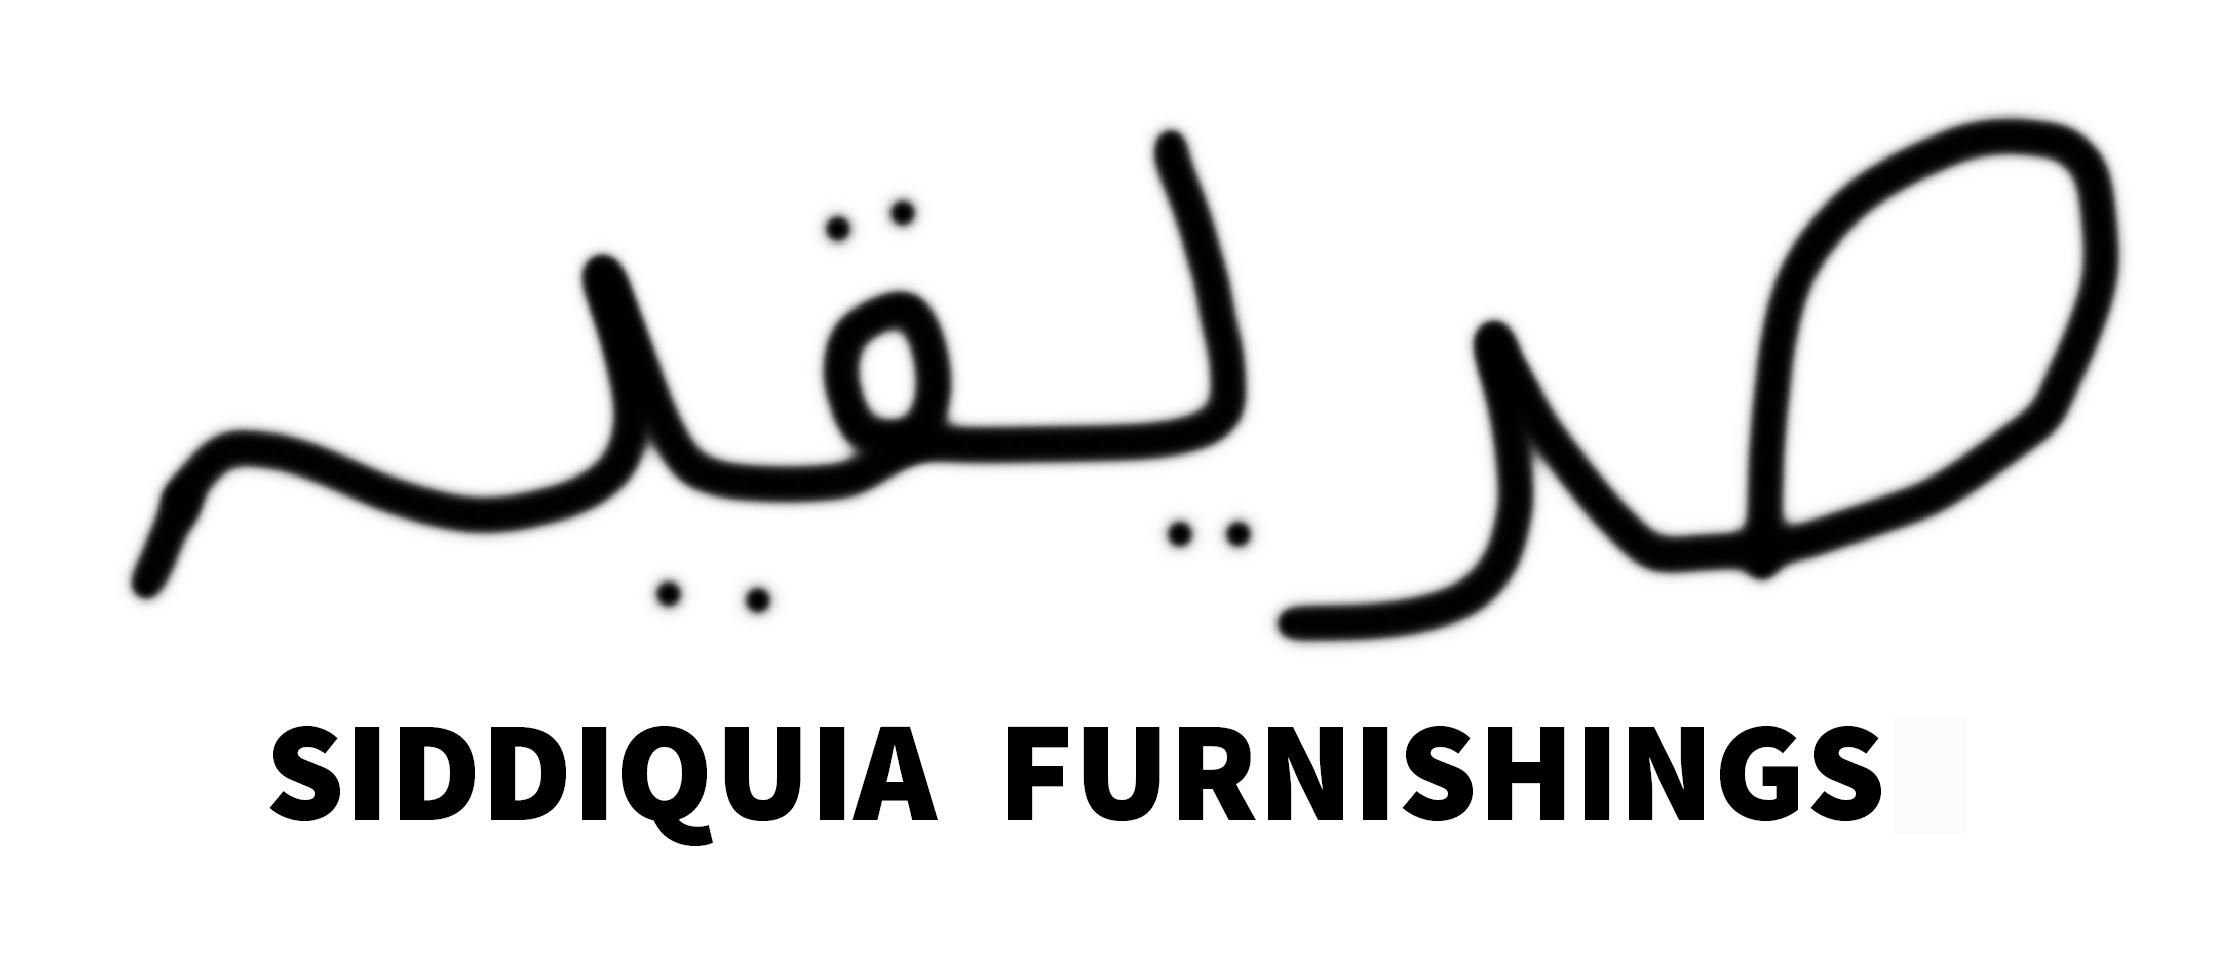 Siddiquia Furnishings